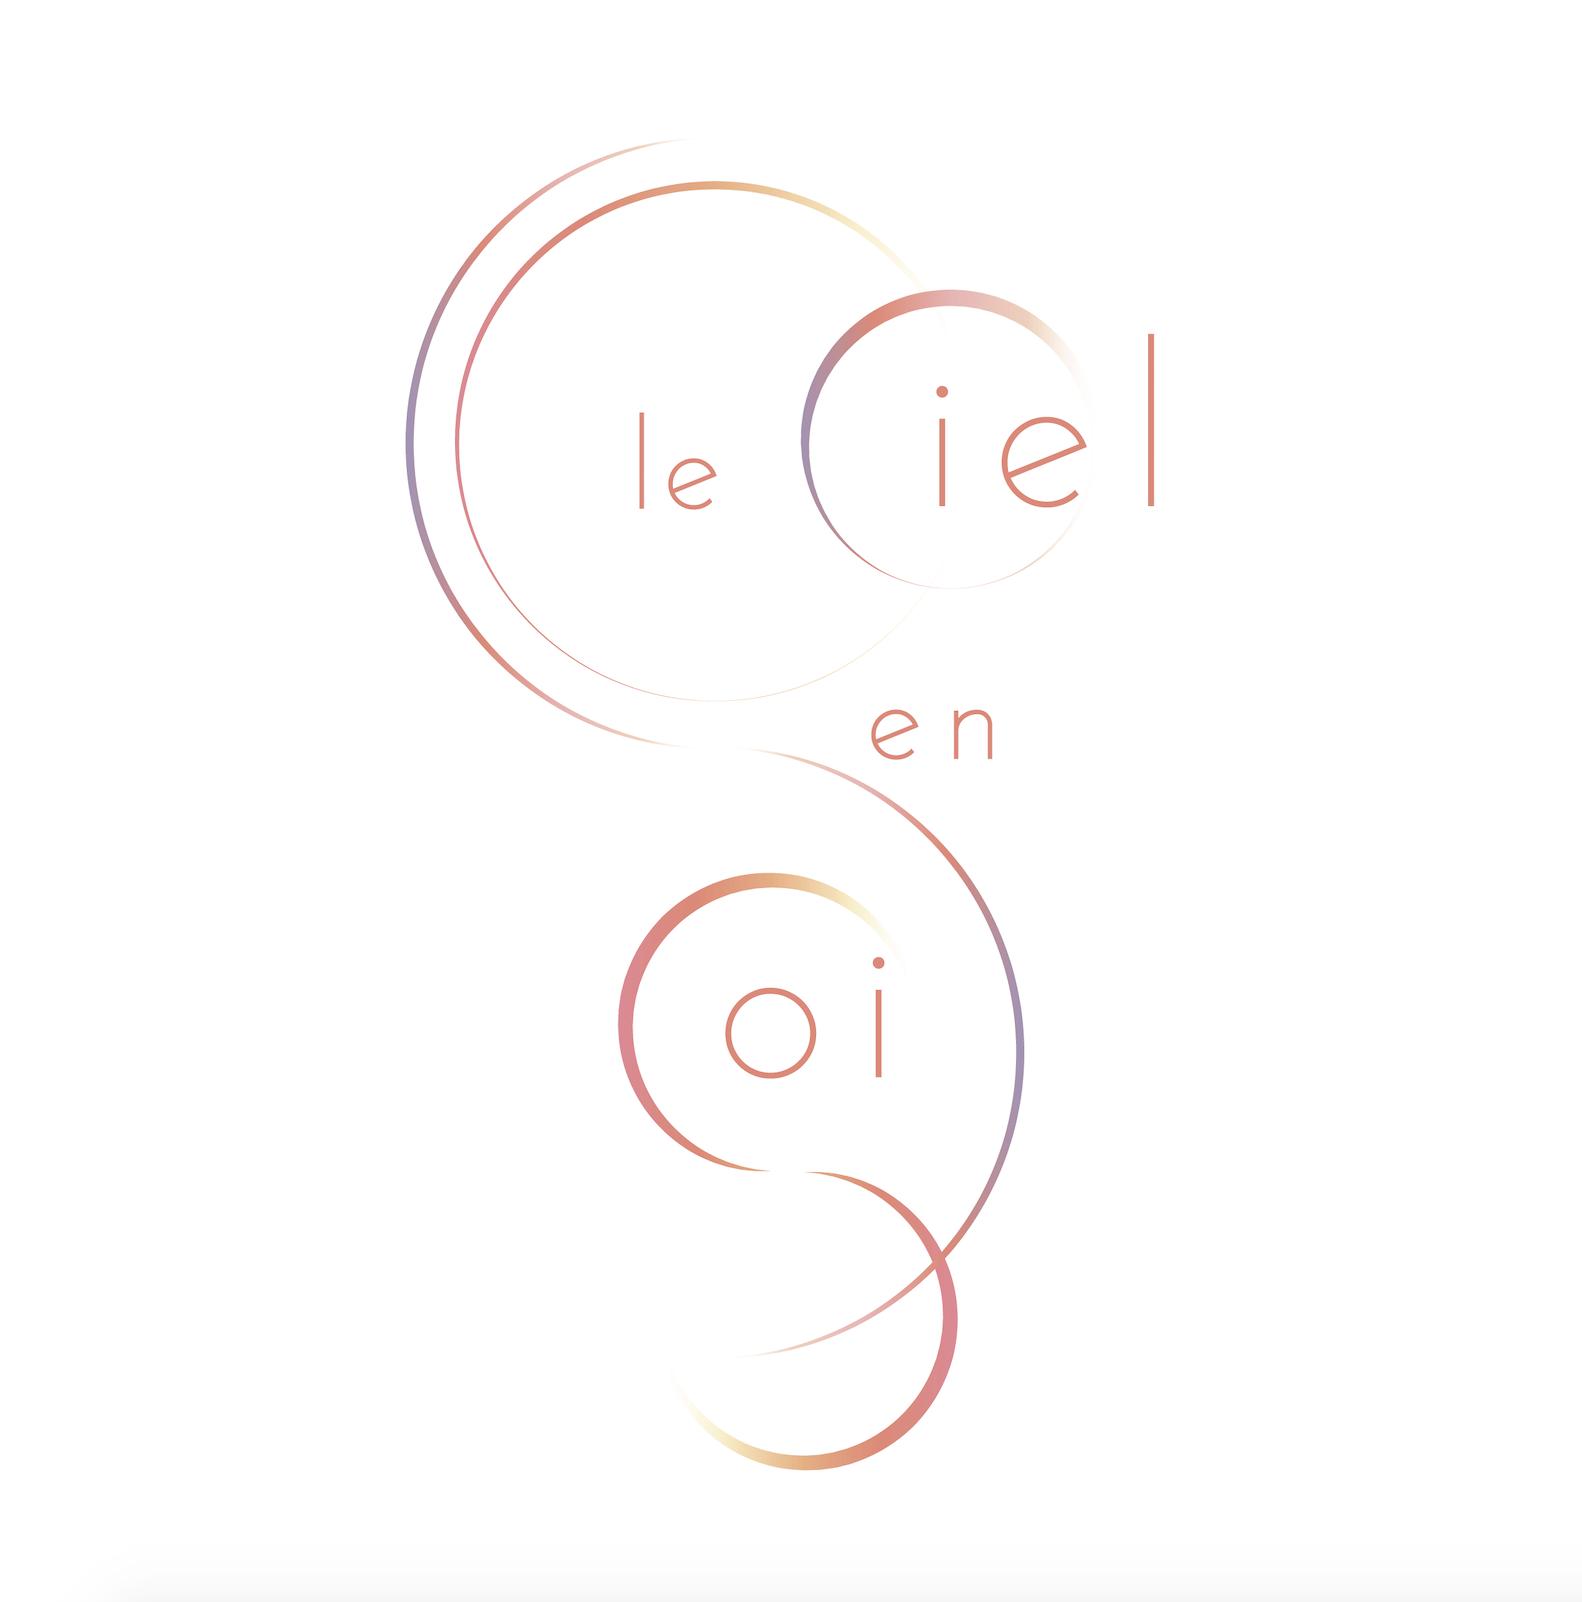 inspir-communication-logo-therapeute-energetique-quantique-reiki